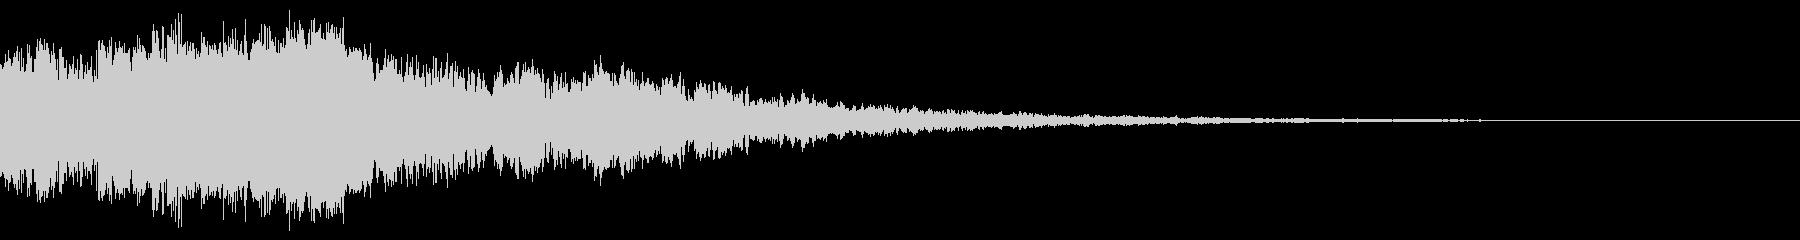 シャキーン(武器が光る)の未再生の波形